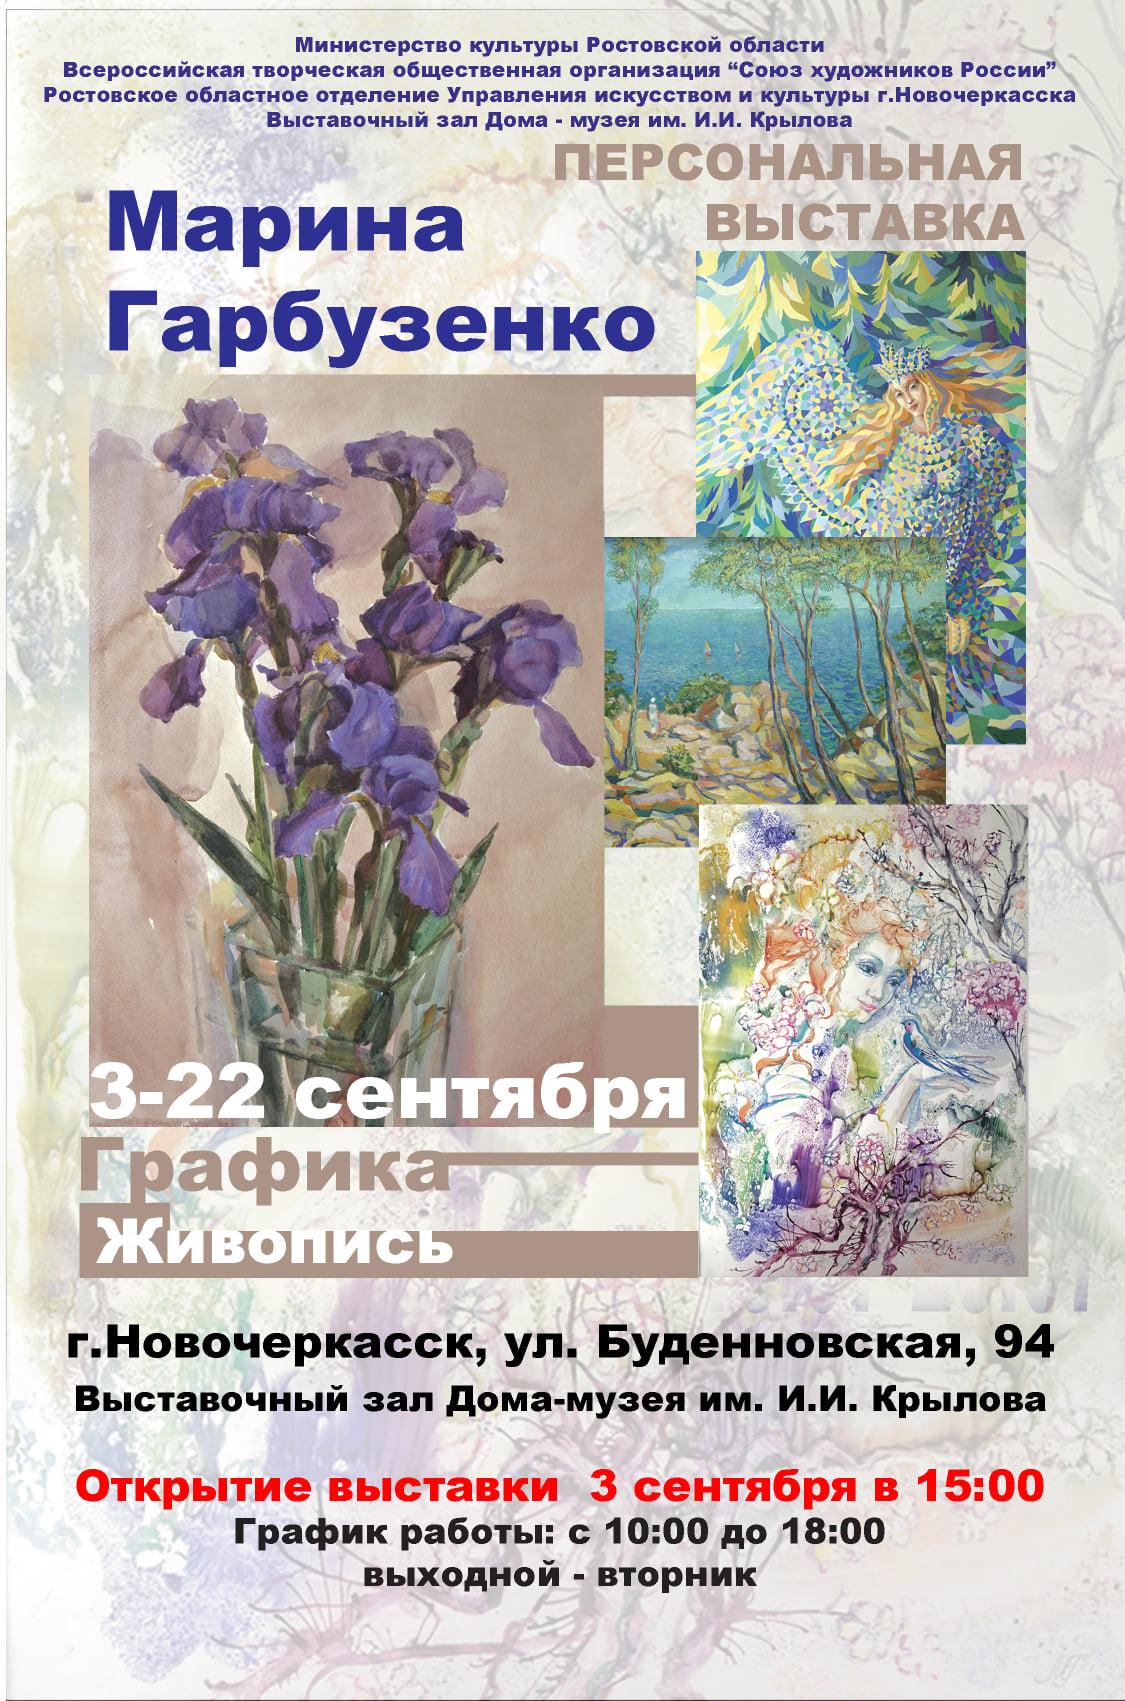 АНОНС!!! В Выставочном зале Дома-музея И.И. Крылова 3 сентября откроется ещё одна выставка Марины Гарбузенко.